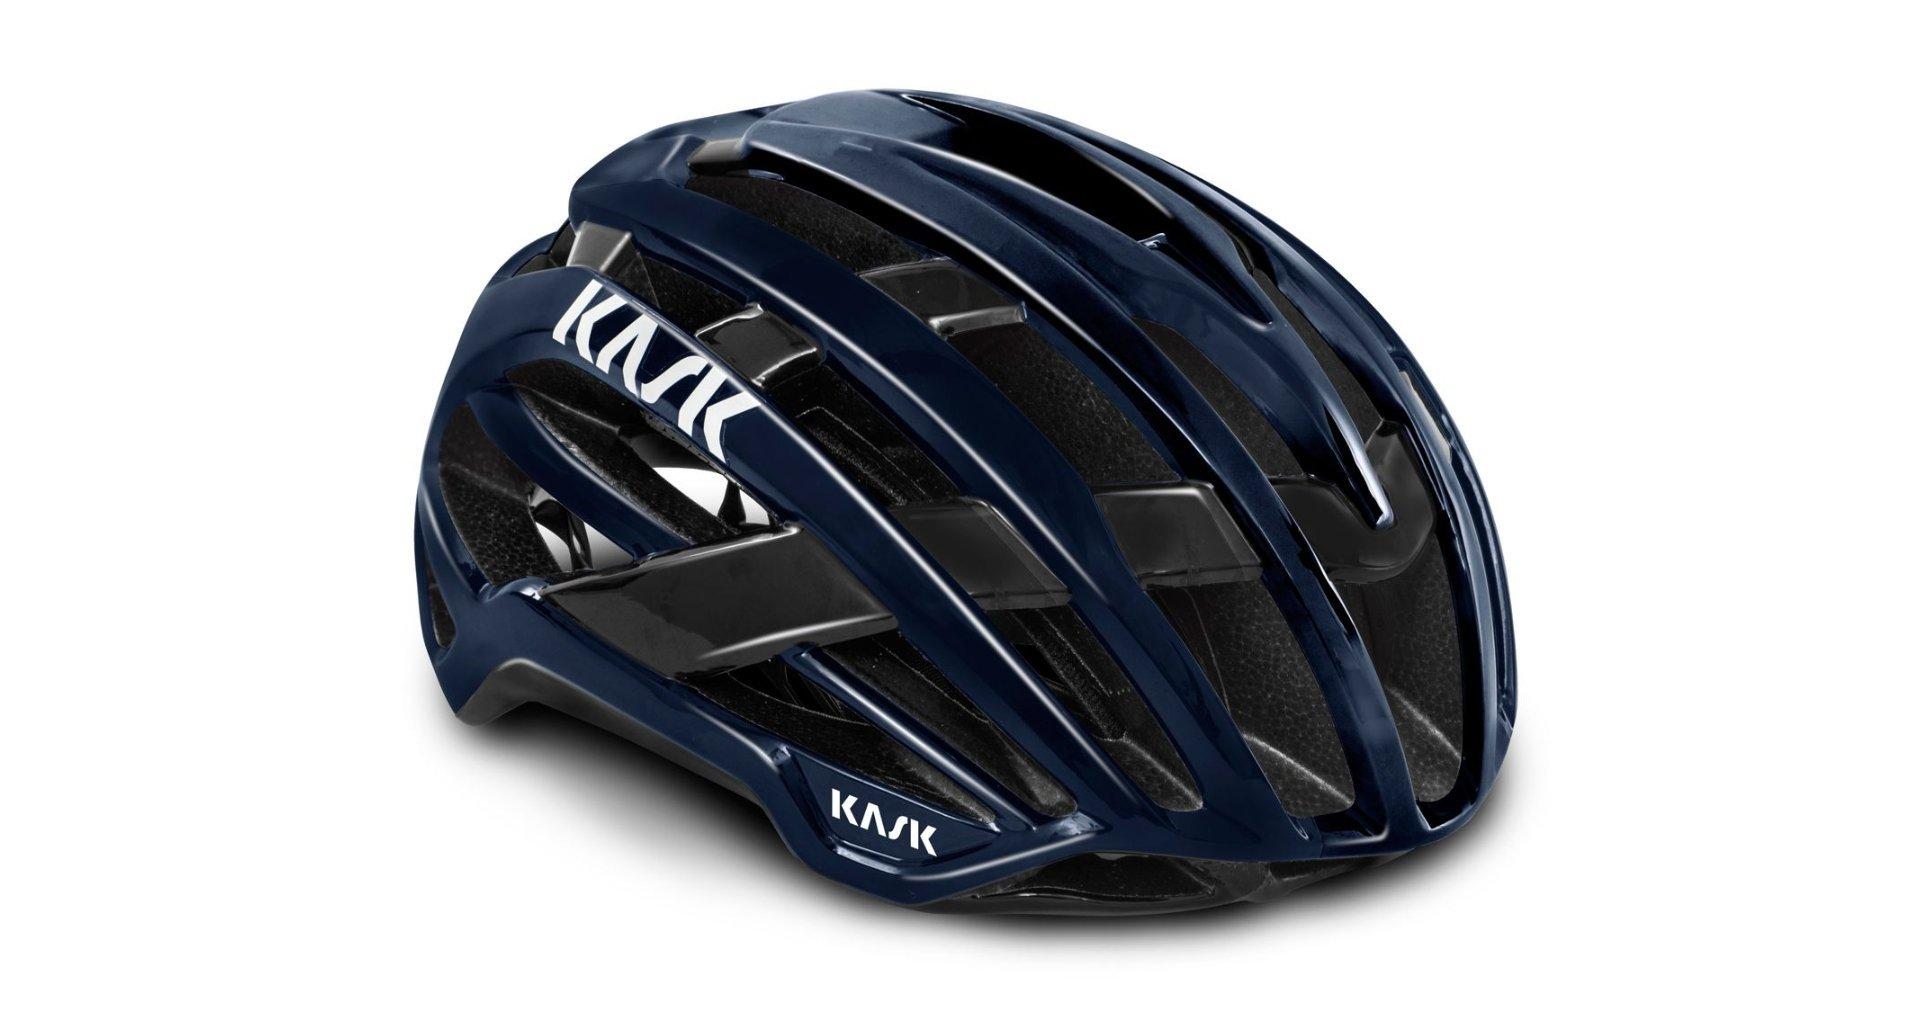 Kask Valegro Helmet, Small, Navy Blue